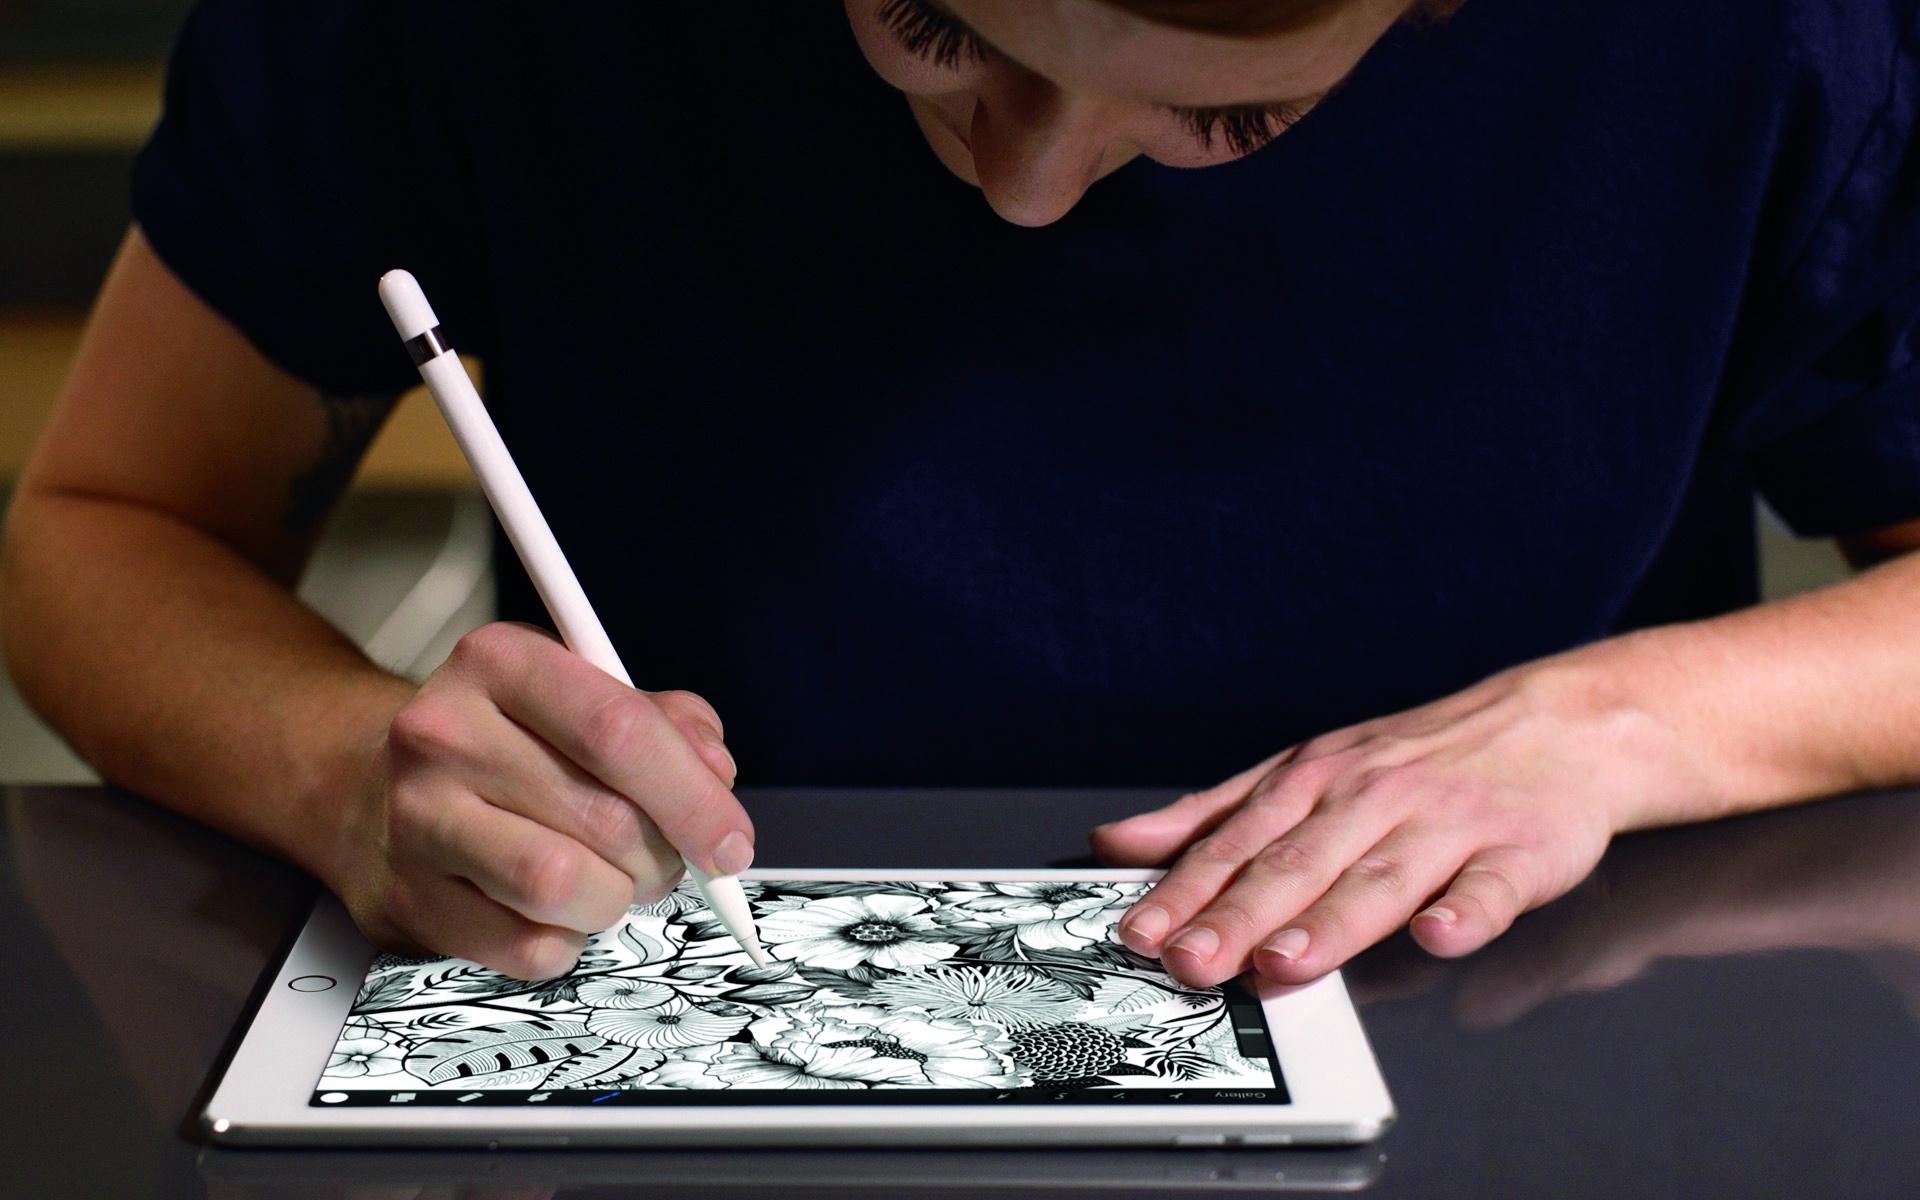 Klar: Auch das kleine iPad Pro arbeitet mit dem Apple Pencil und natürlich gibt es auch ein passendes Keyboard